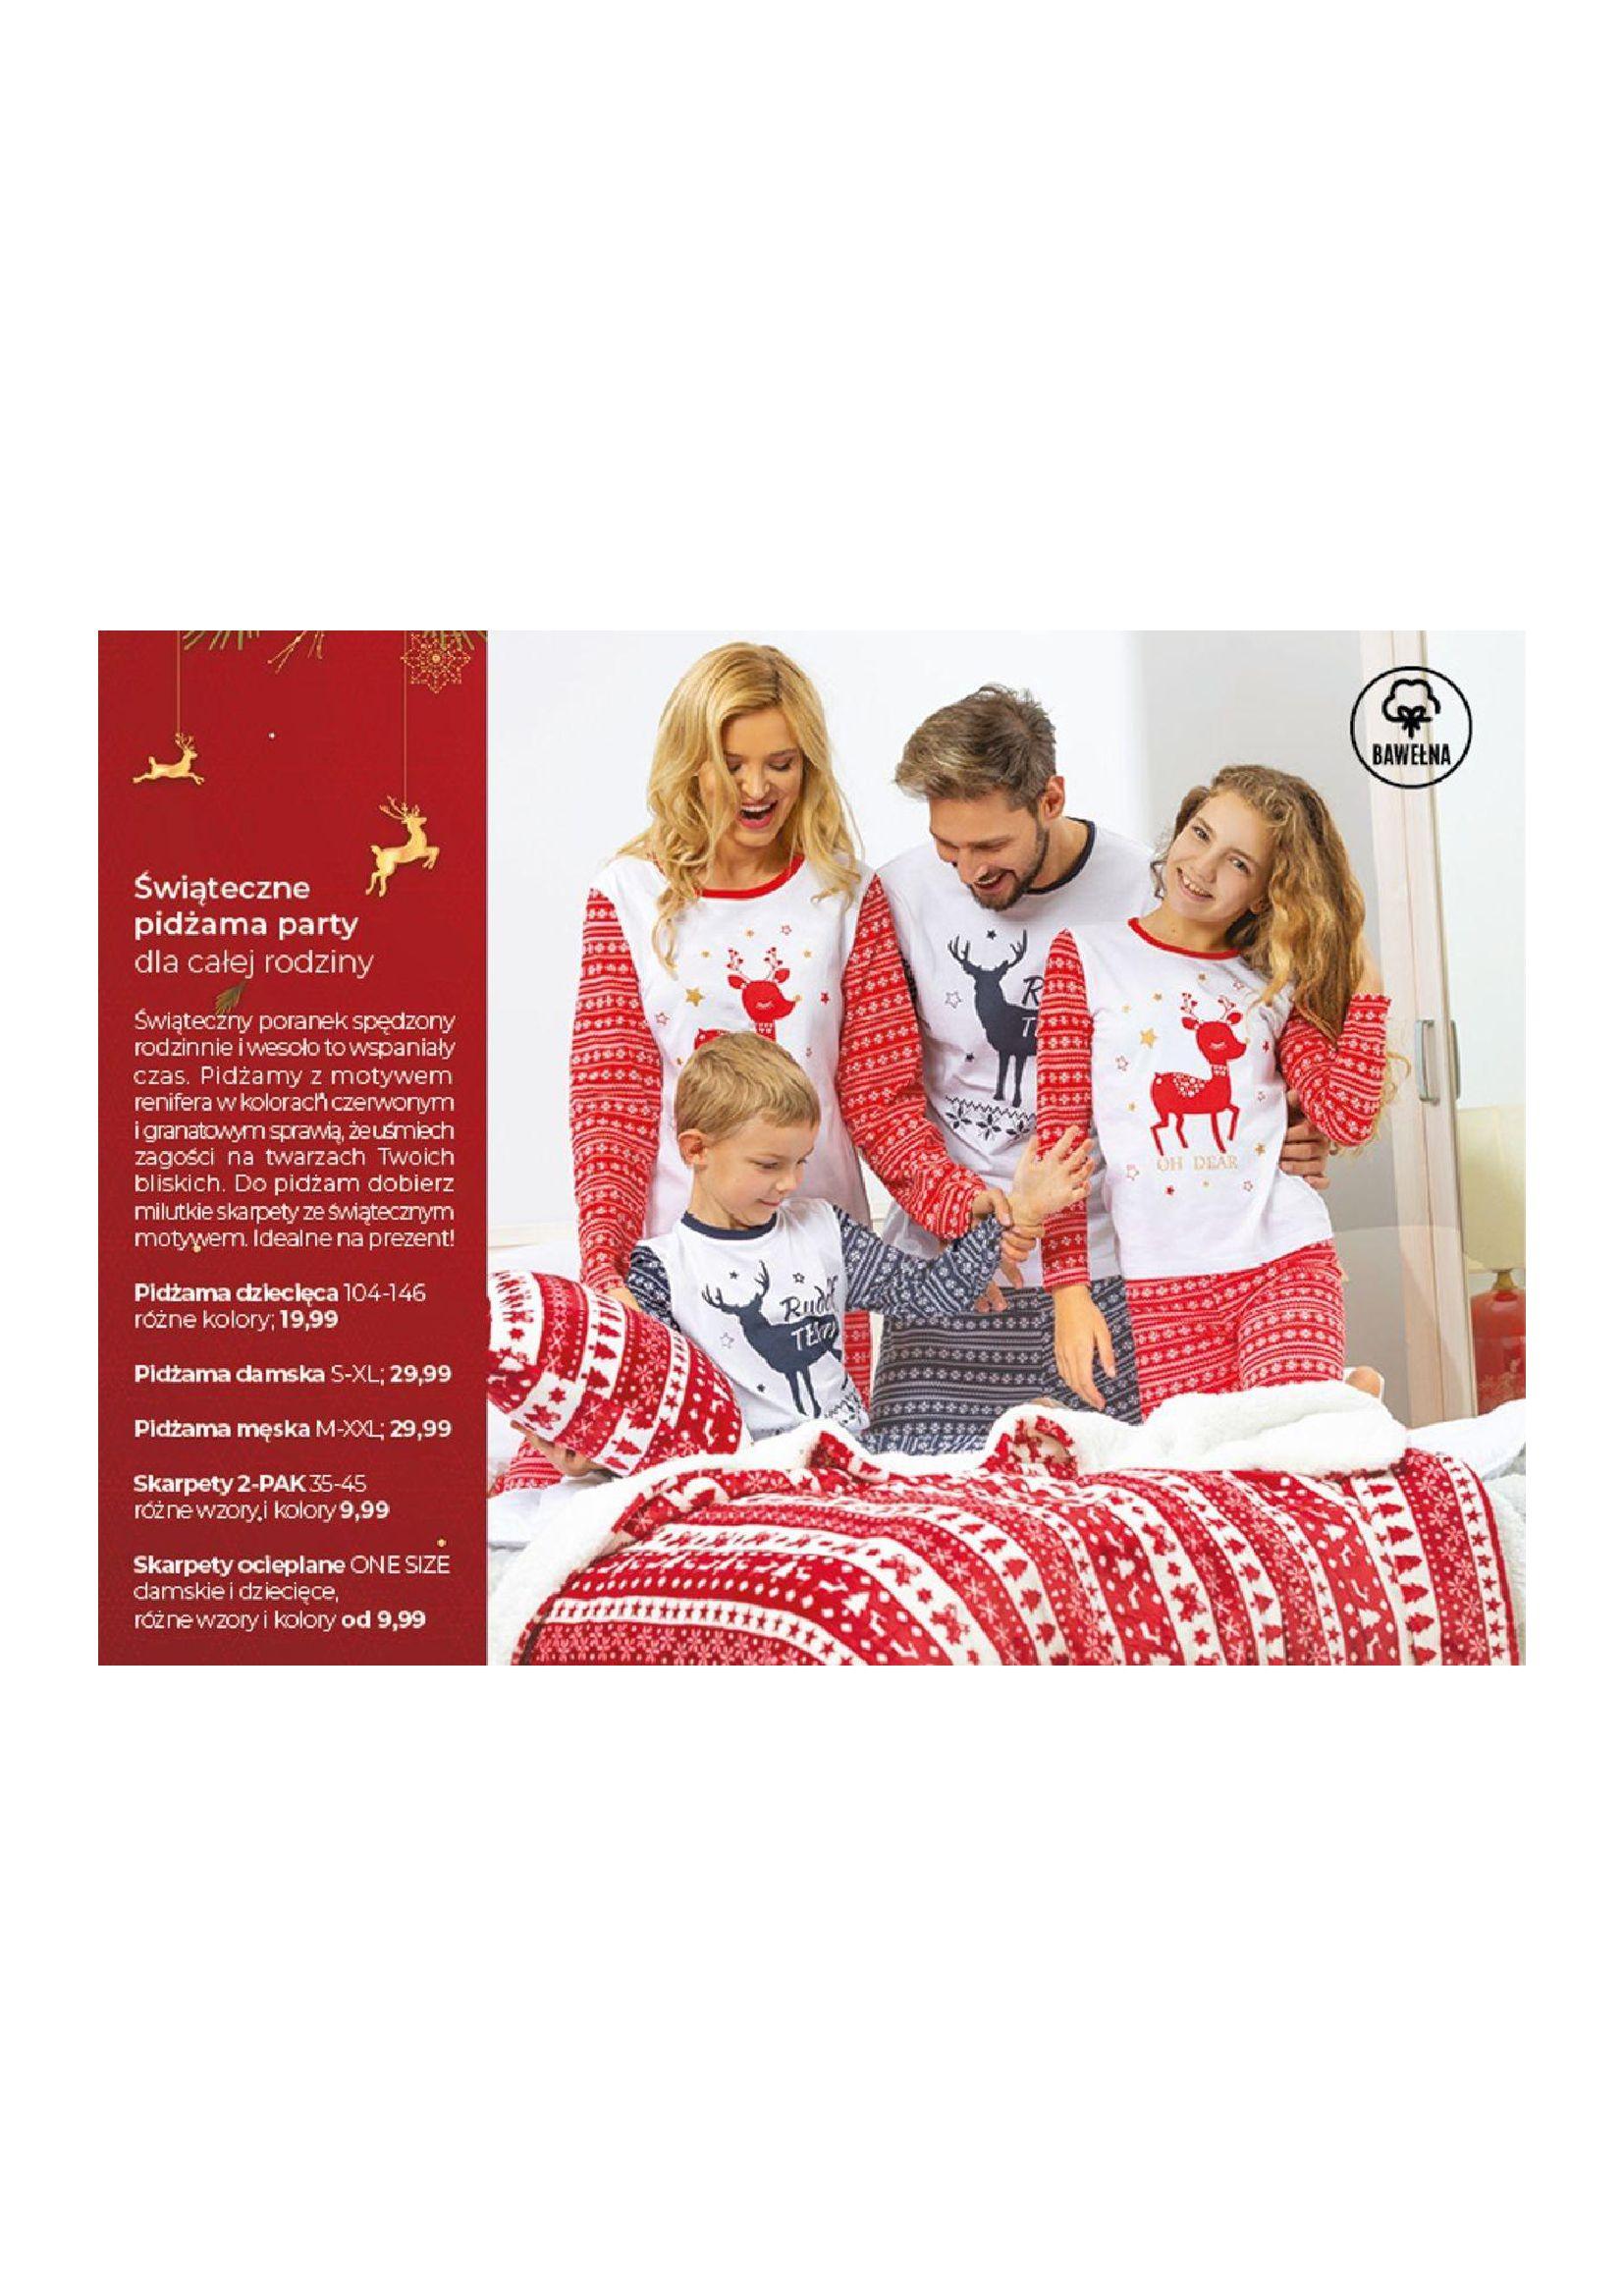 Gazetka TXM textilmarket: Katalog Świąteczny 2020-11-10 page-8